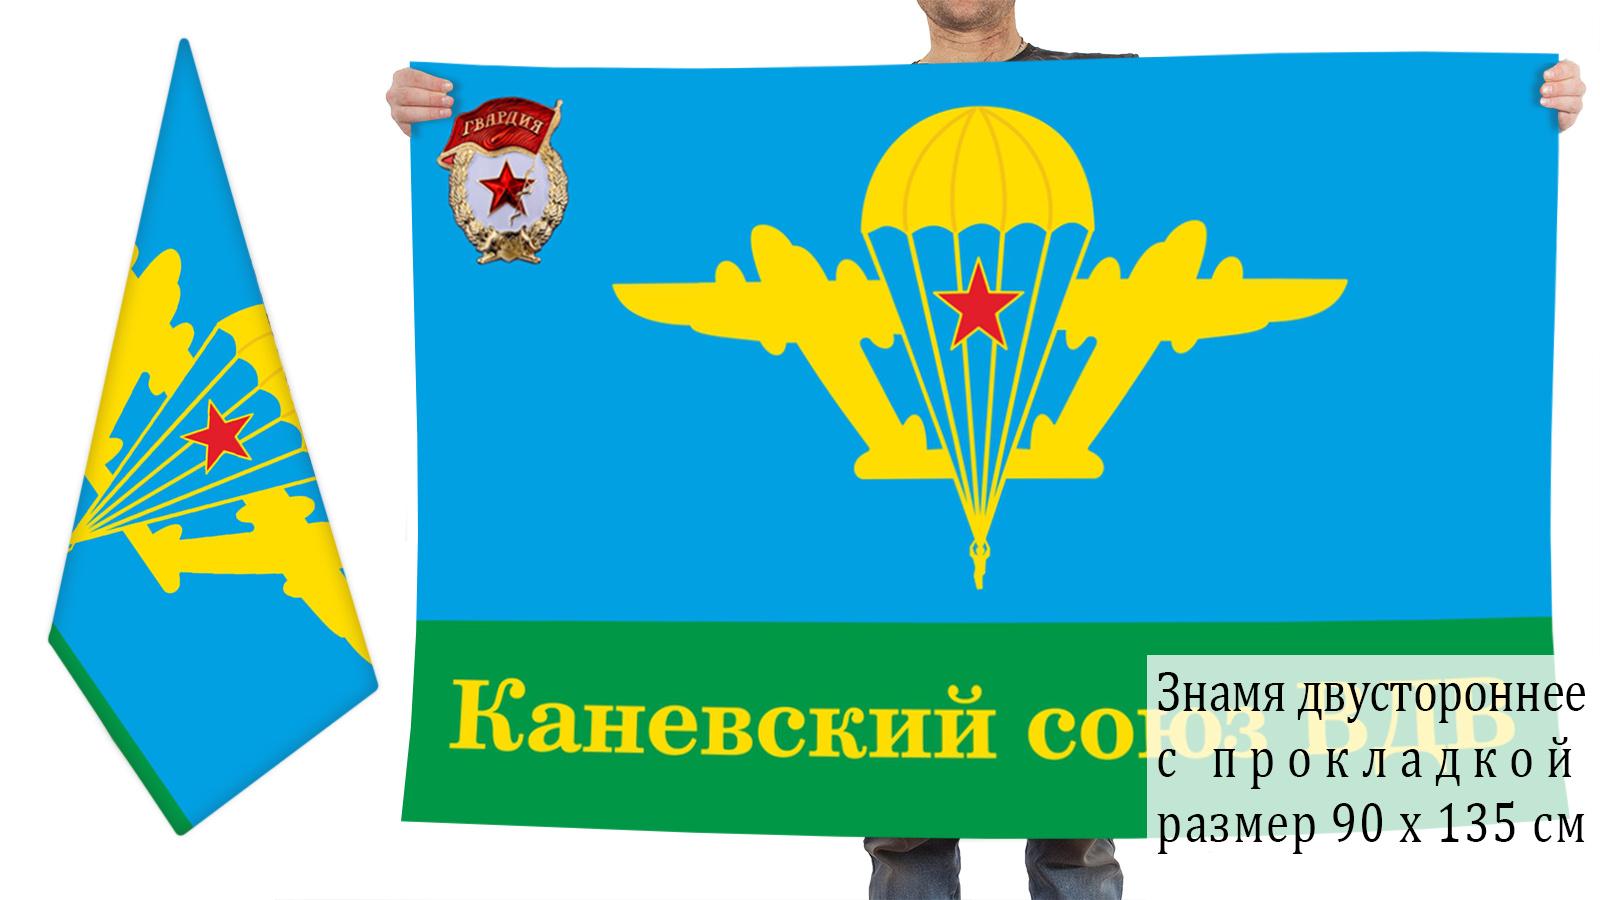 Двусторонний флаг ветеранов ВДВ Канева